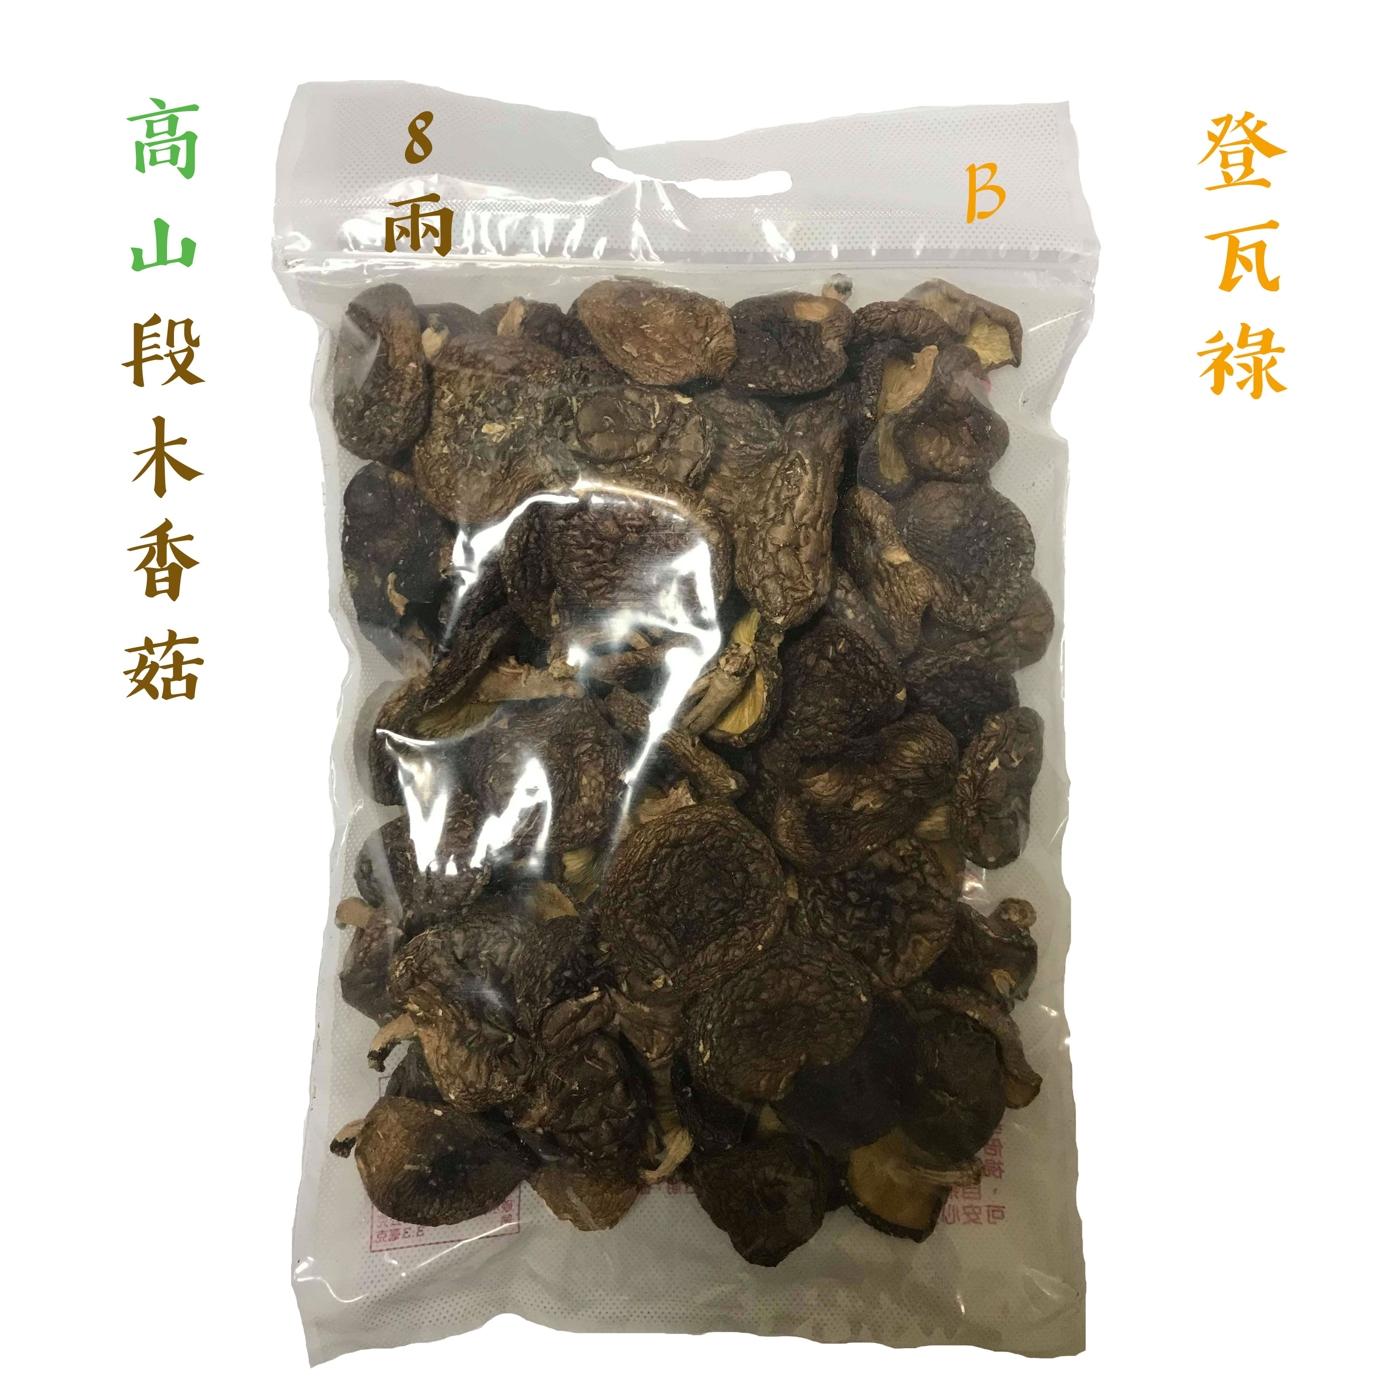 【拉拉山段木香菇】自產自銷.高山段木香菇.B級.八兩(半斤).自家栽種.登瓦祿農特產品